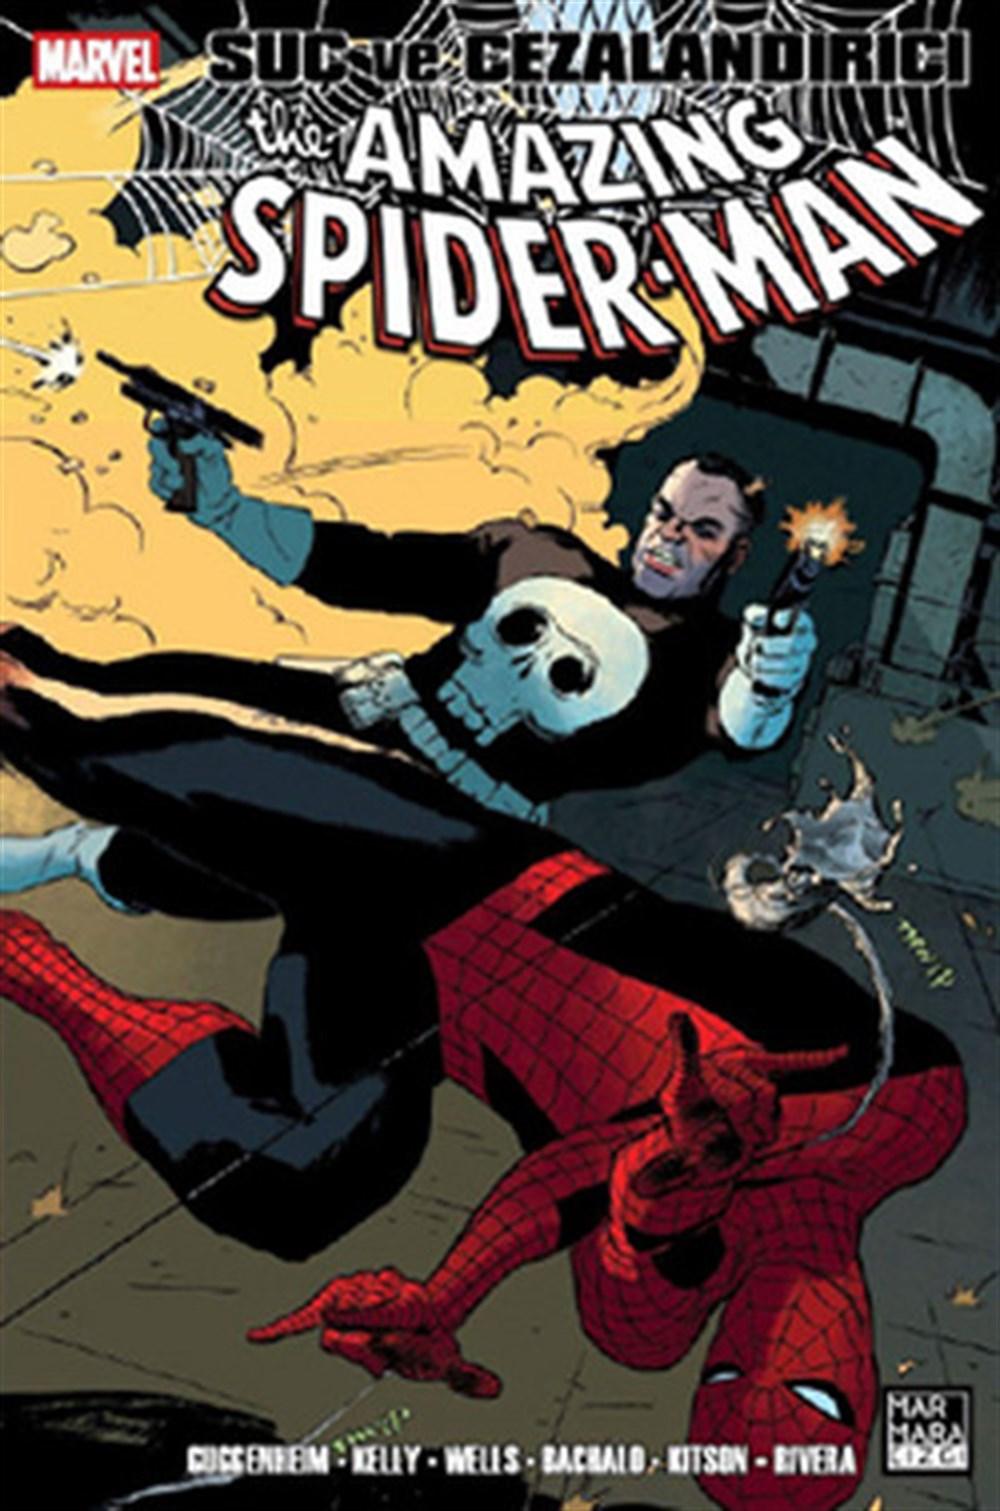 The Amazing Spider-Man Cilt 6: Suç ve Cezalandırıcı